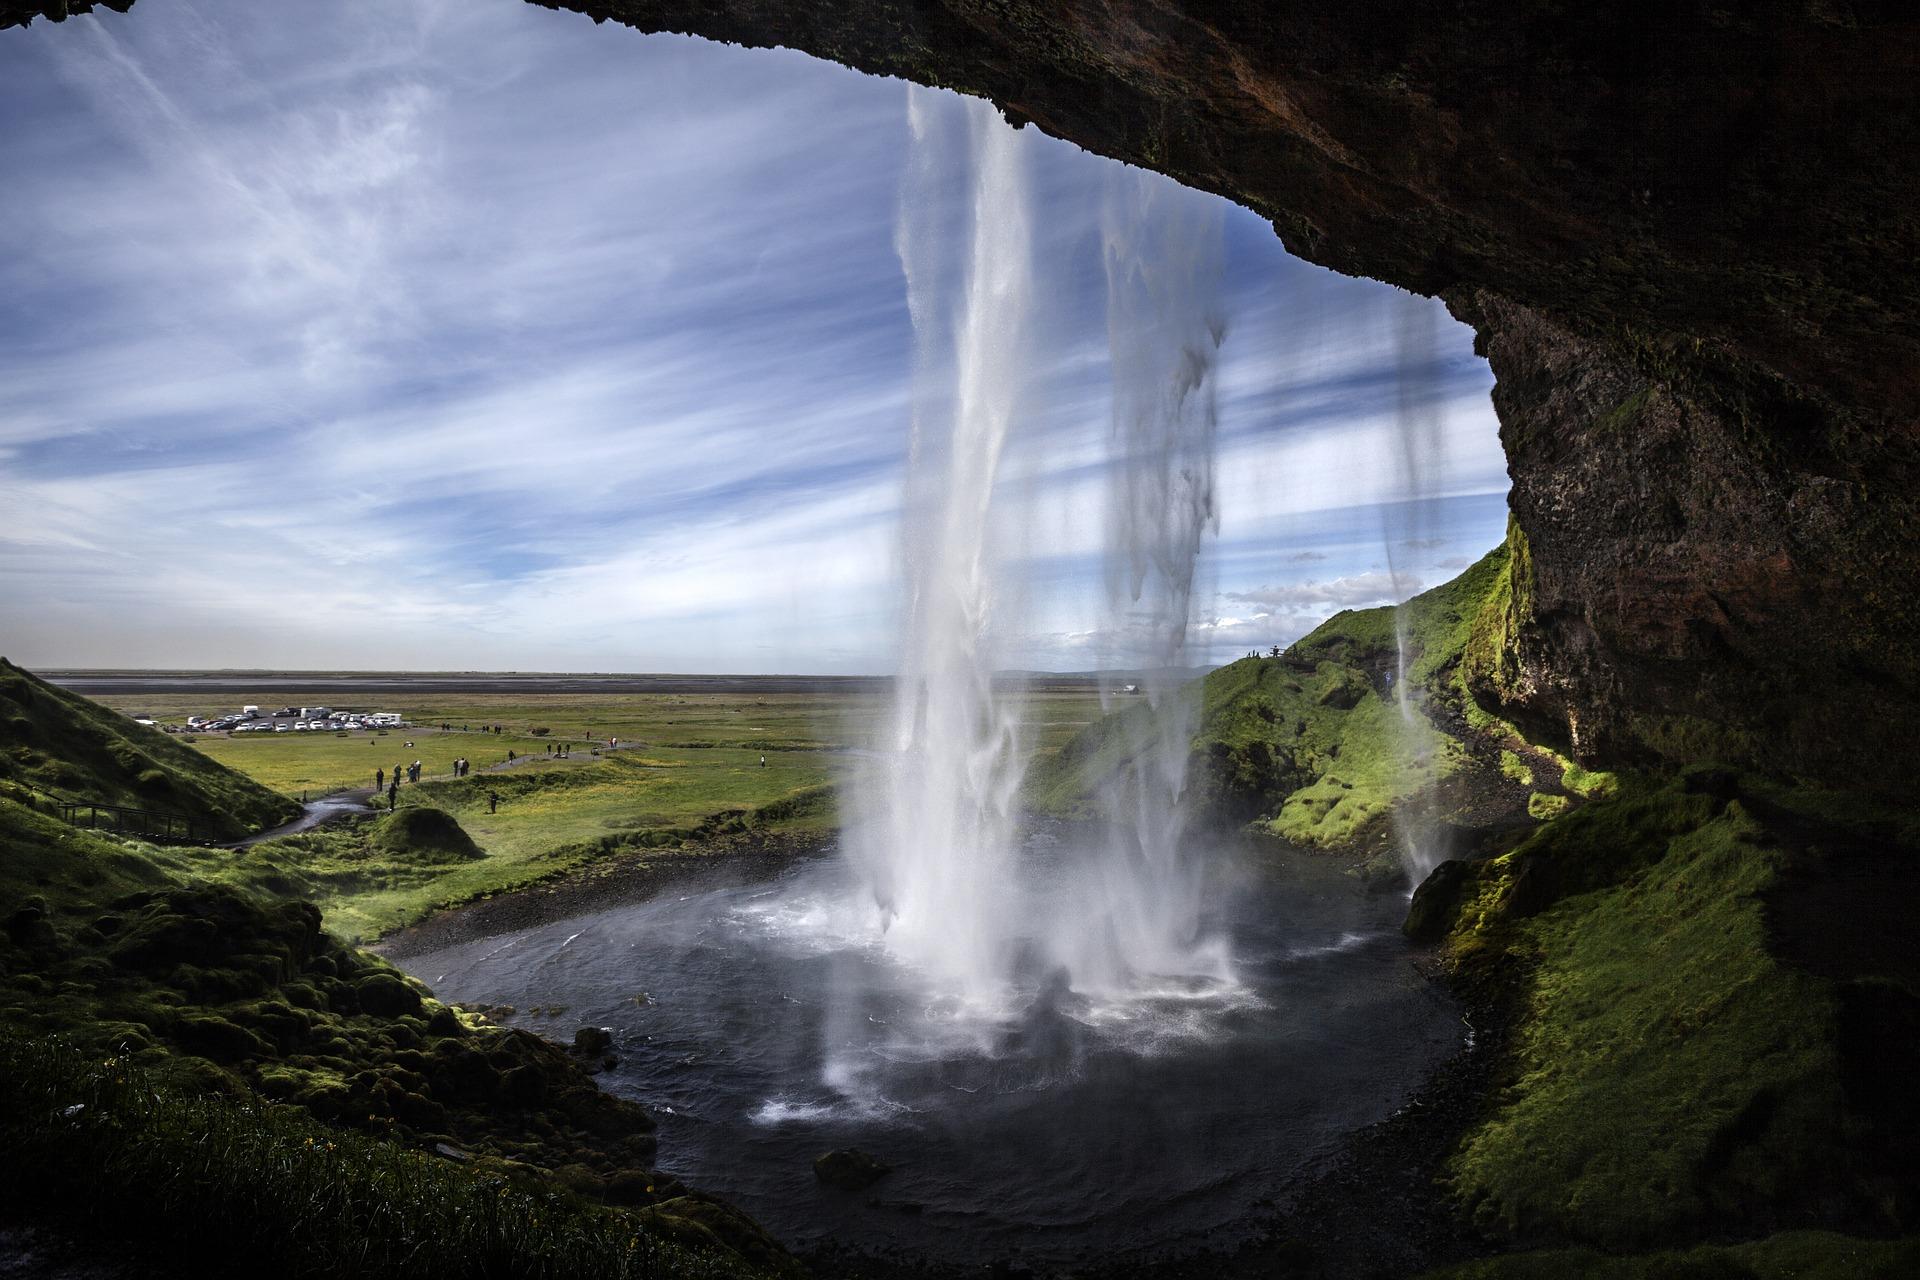 选择旅行团优惠套票,探访冰岛南岸的精彩小众景点。